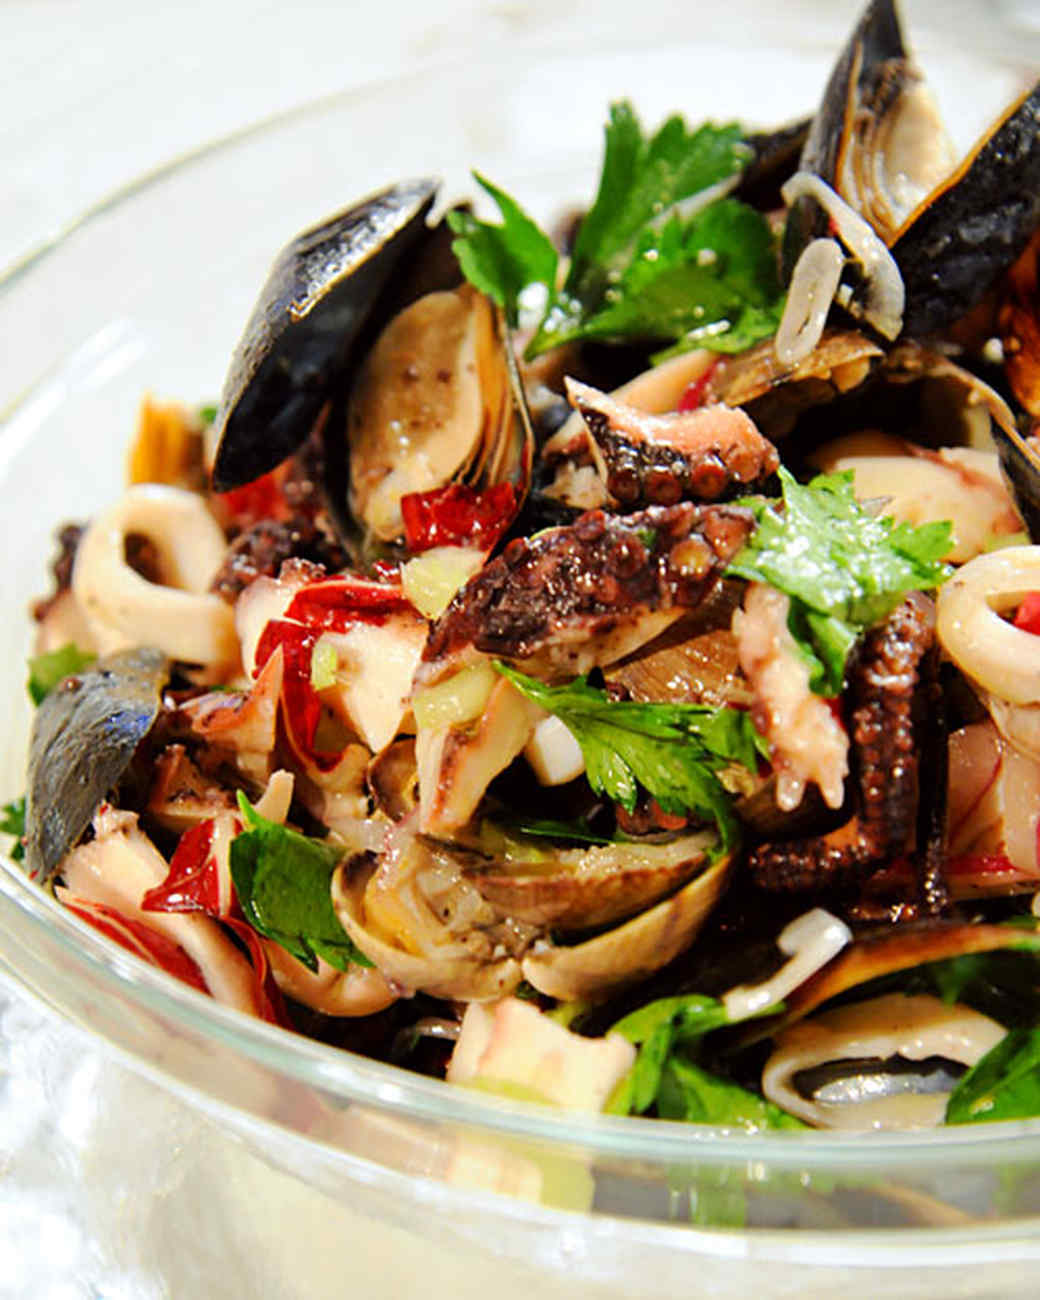 6073_122410_seafood_salad.jpg